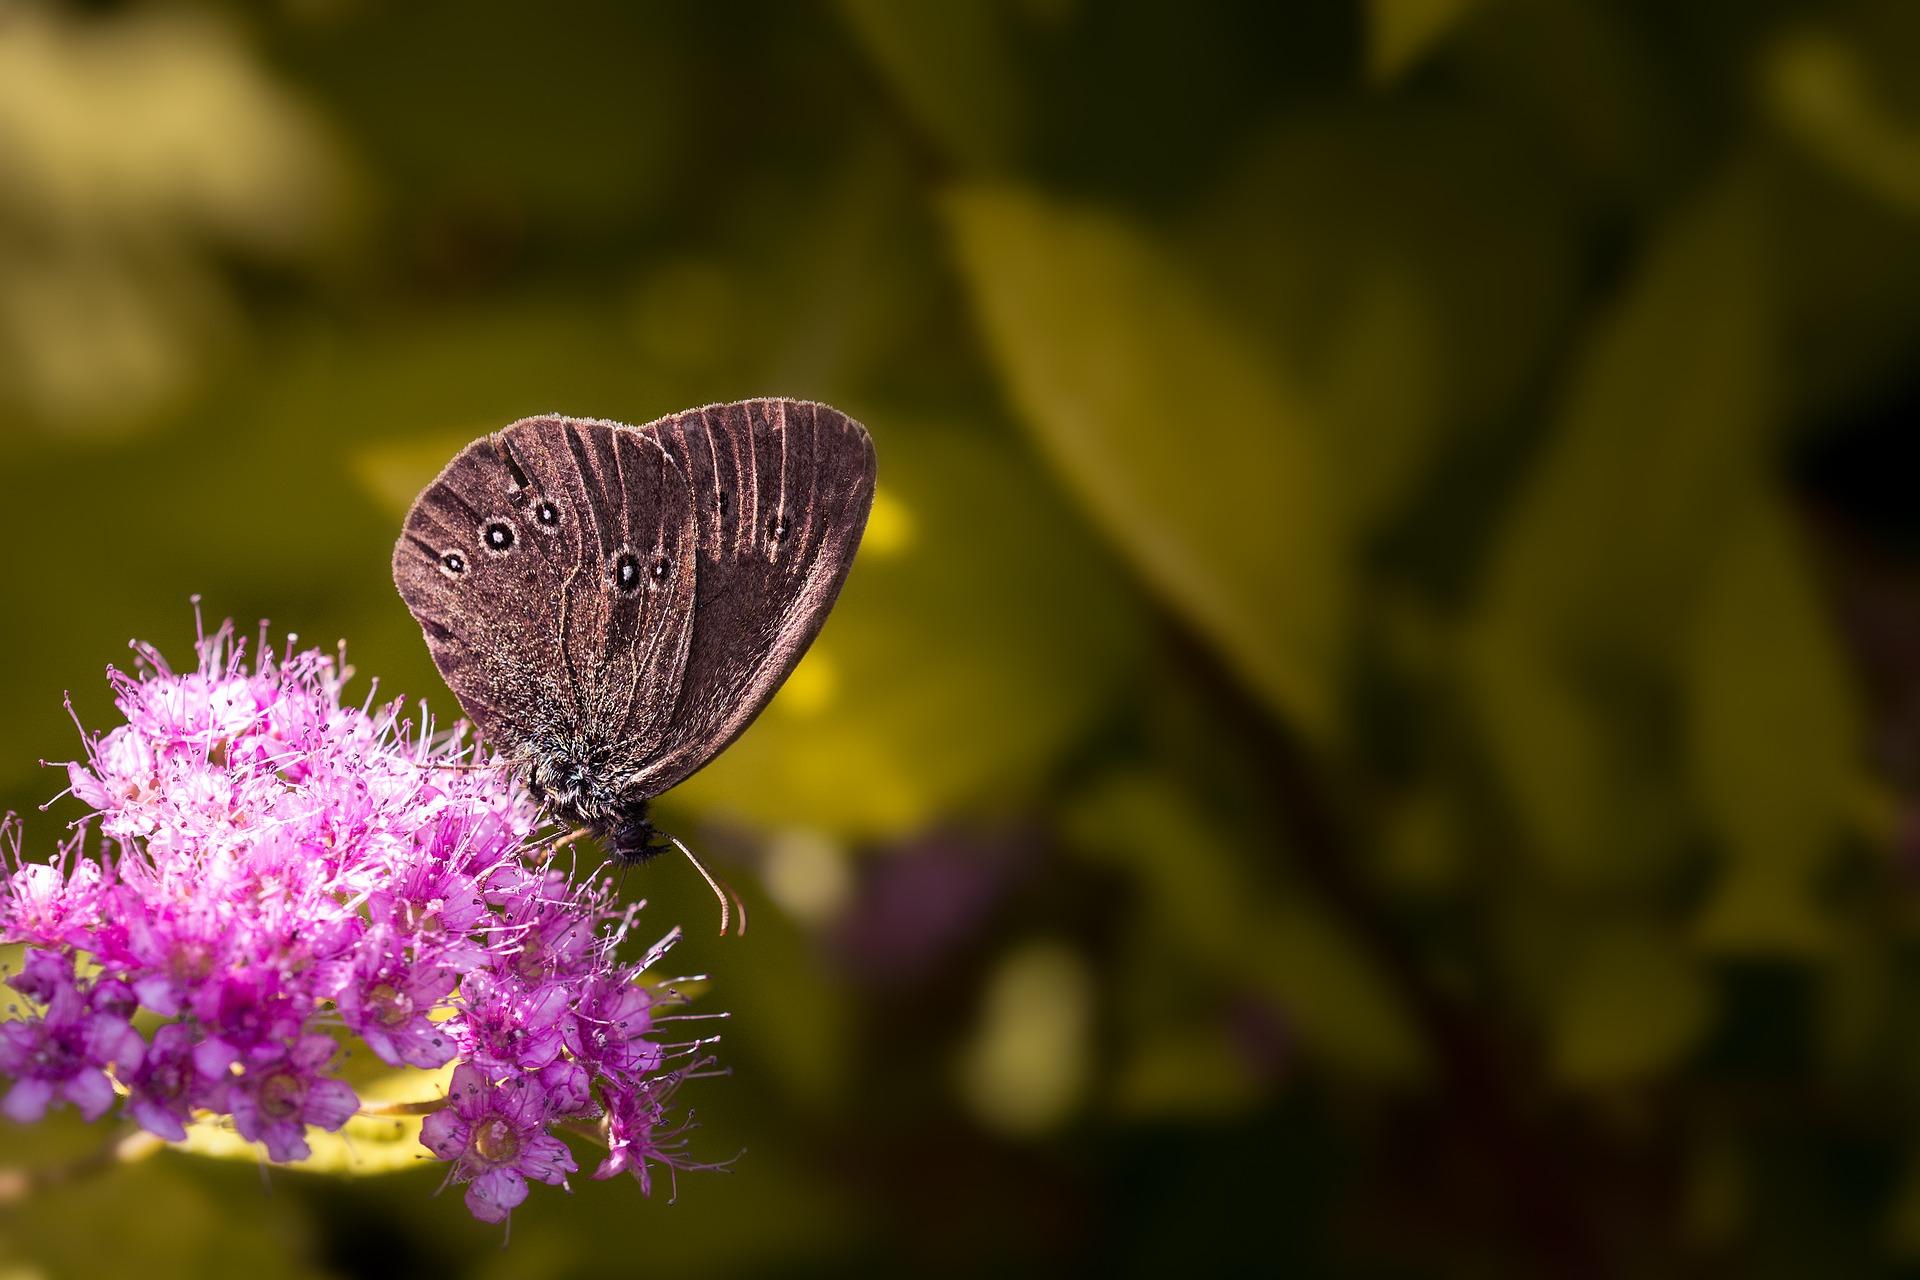 butterfly-1574762_1920.jpg